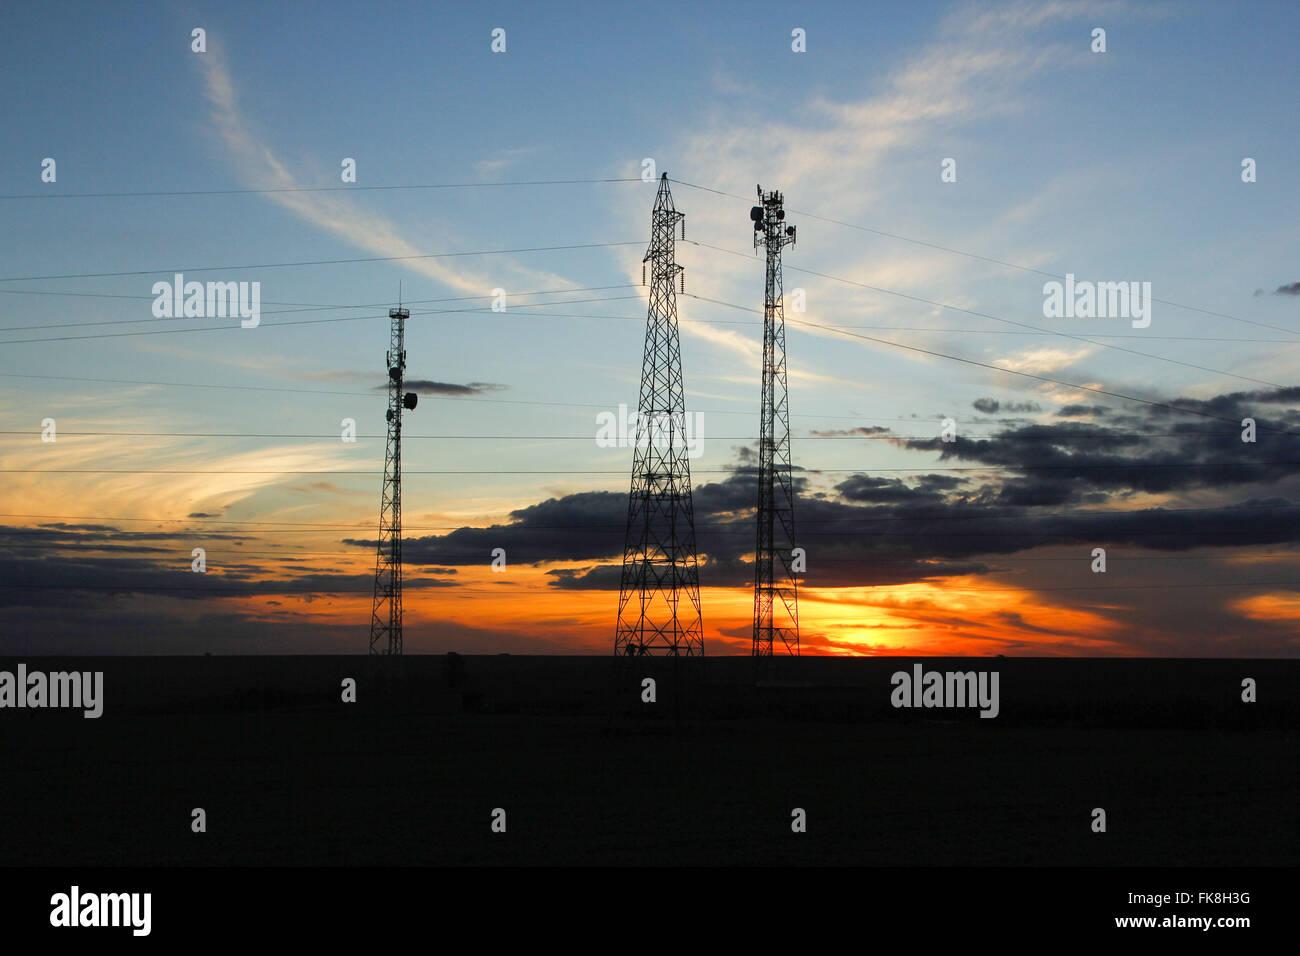 Türme der elektrischen Energieübertragung und Telekommunikation am späten Nachmittag Stockbild